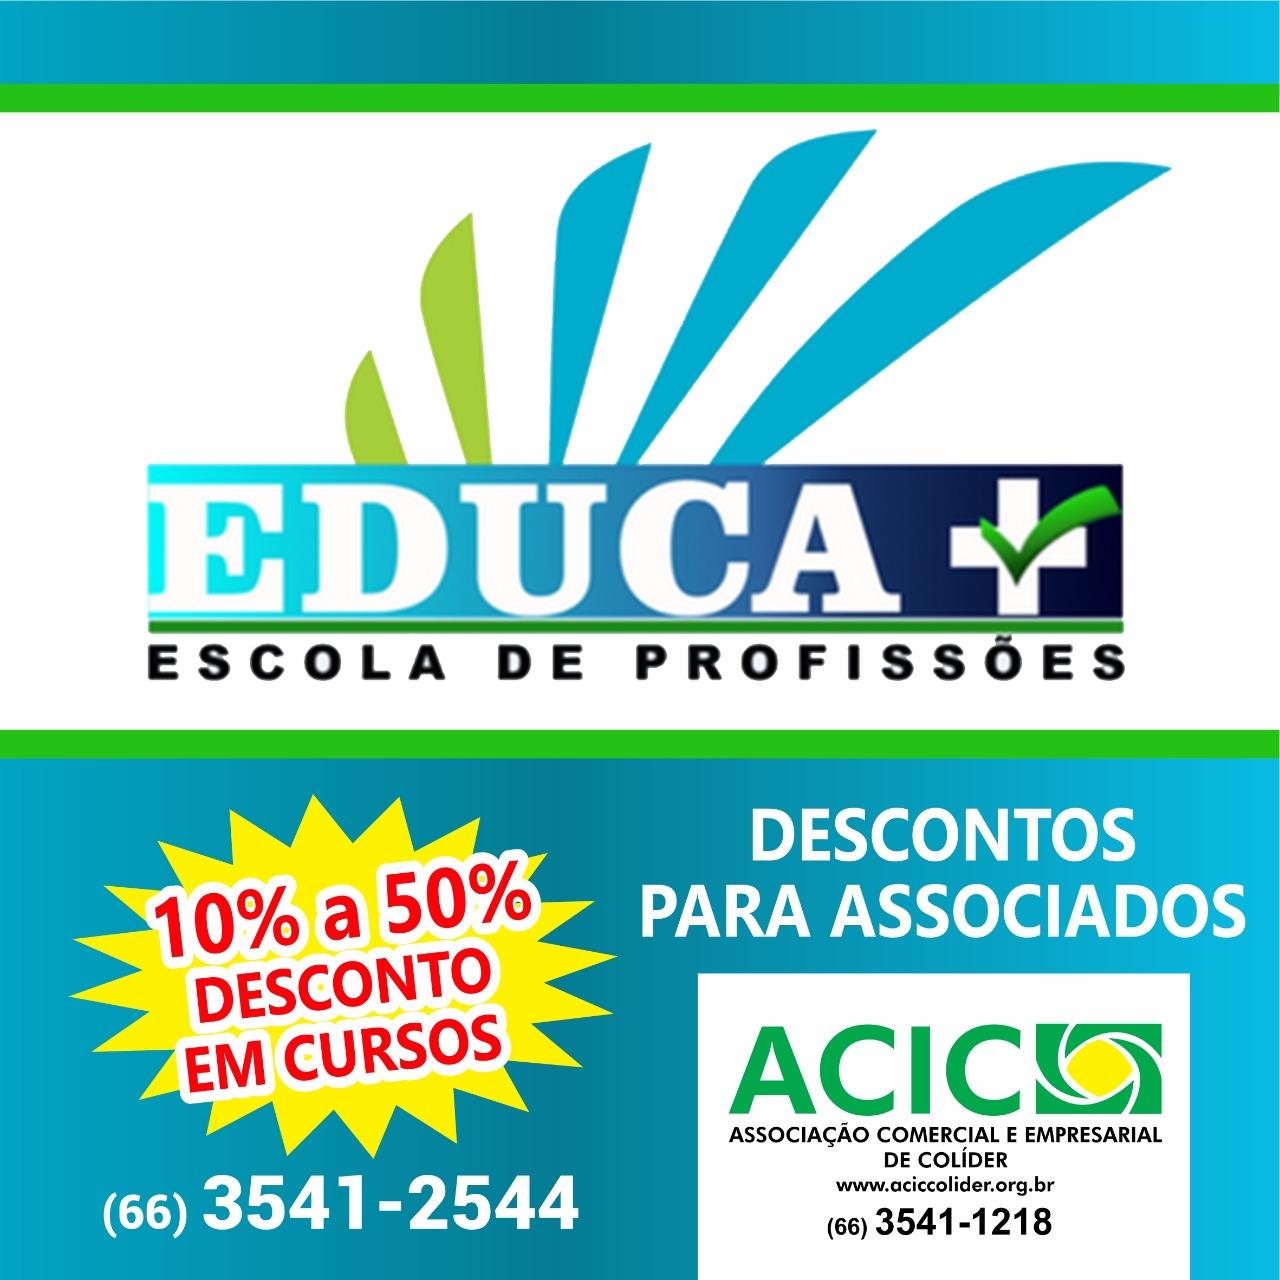 EDUCA + ESCOLA DE PROFISSÕES